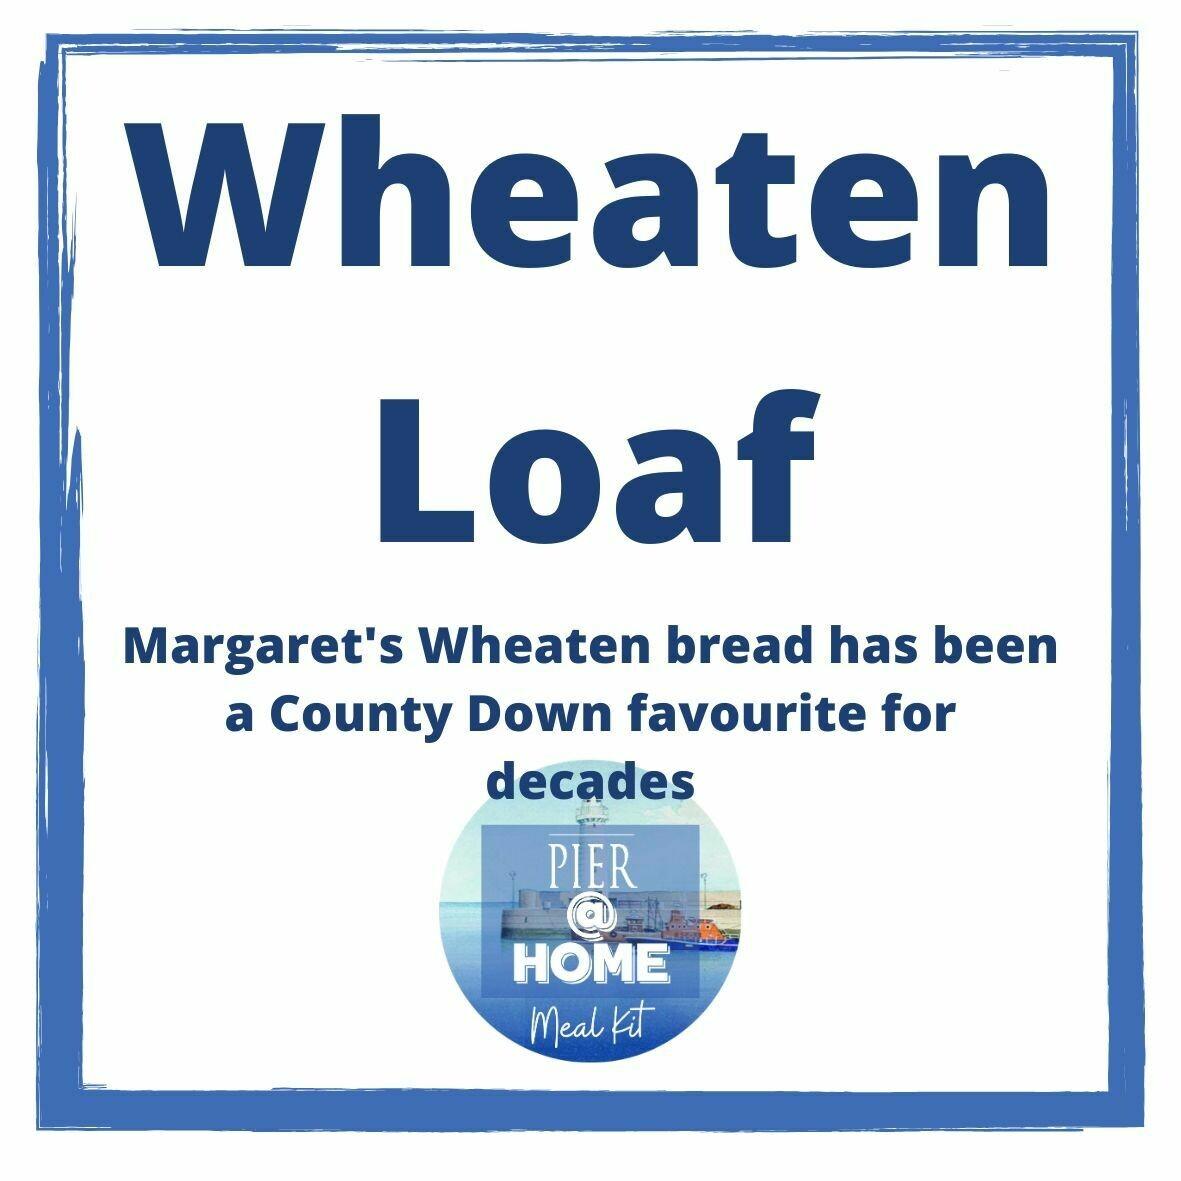 Wheaten loaf